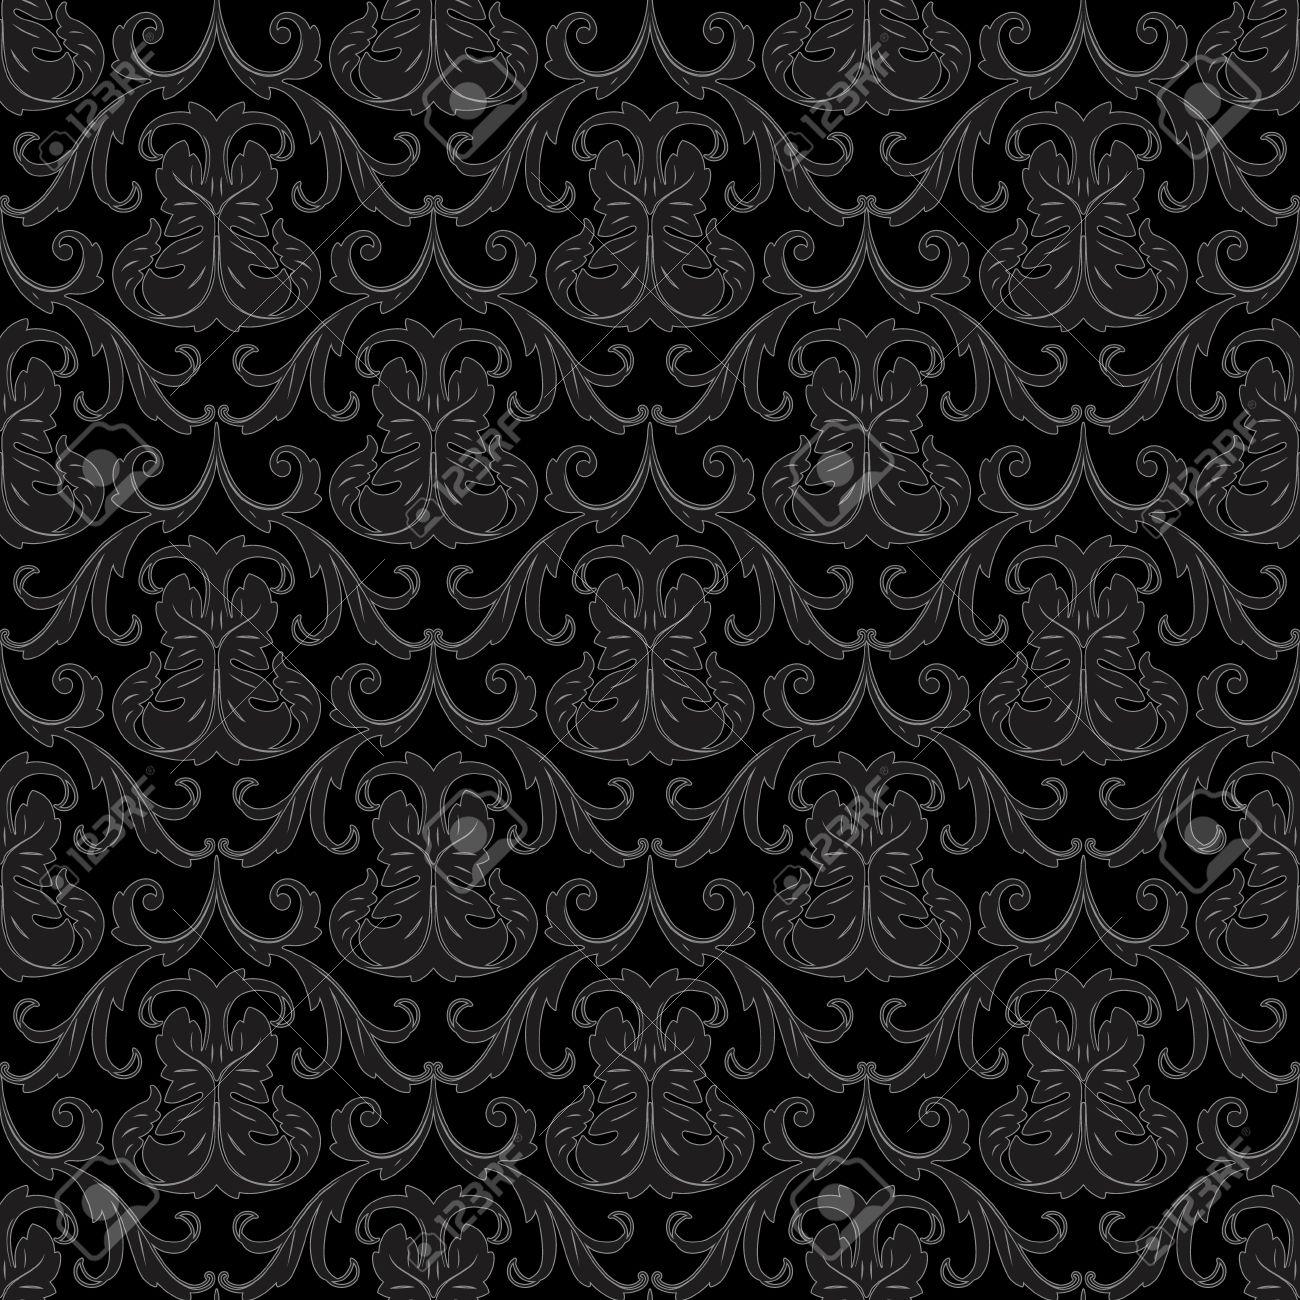 シームレスな黒花の抽象的な壁紙パターン背景のイラスト素材 ベクタ